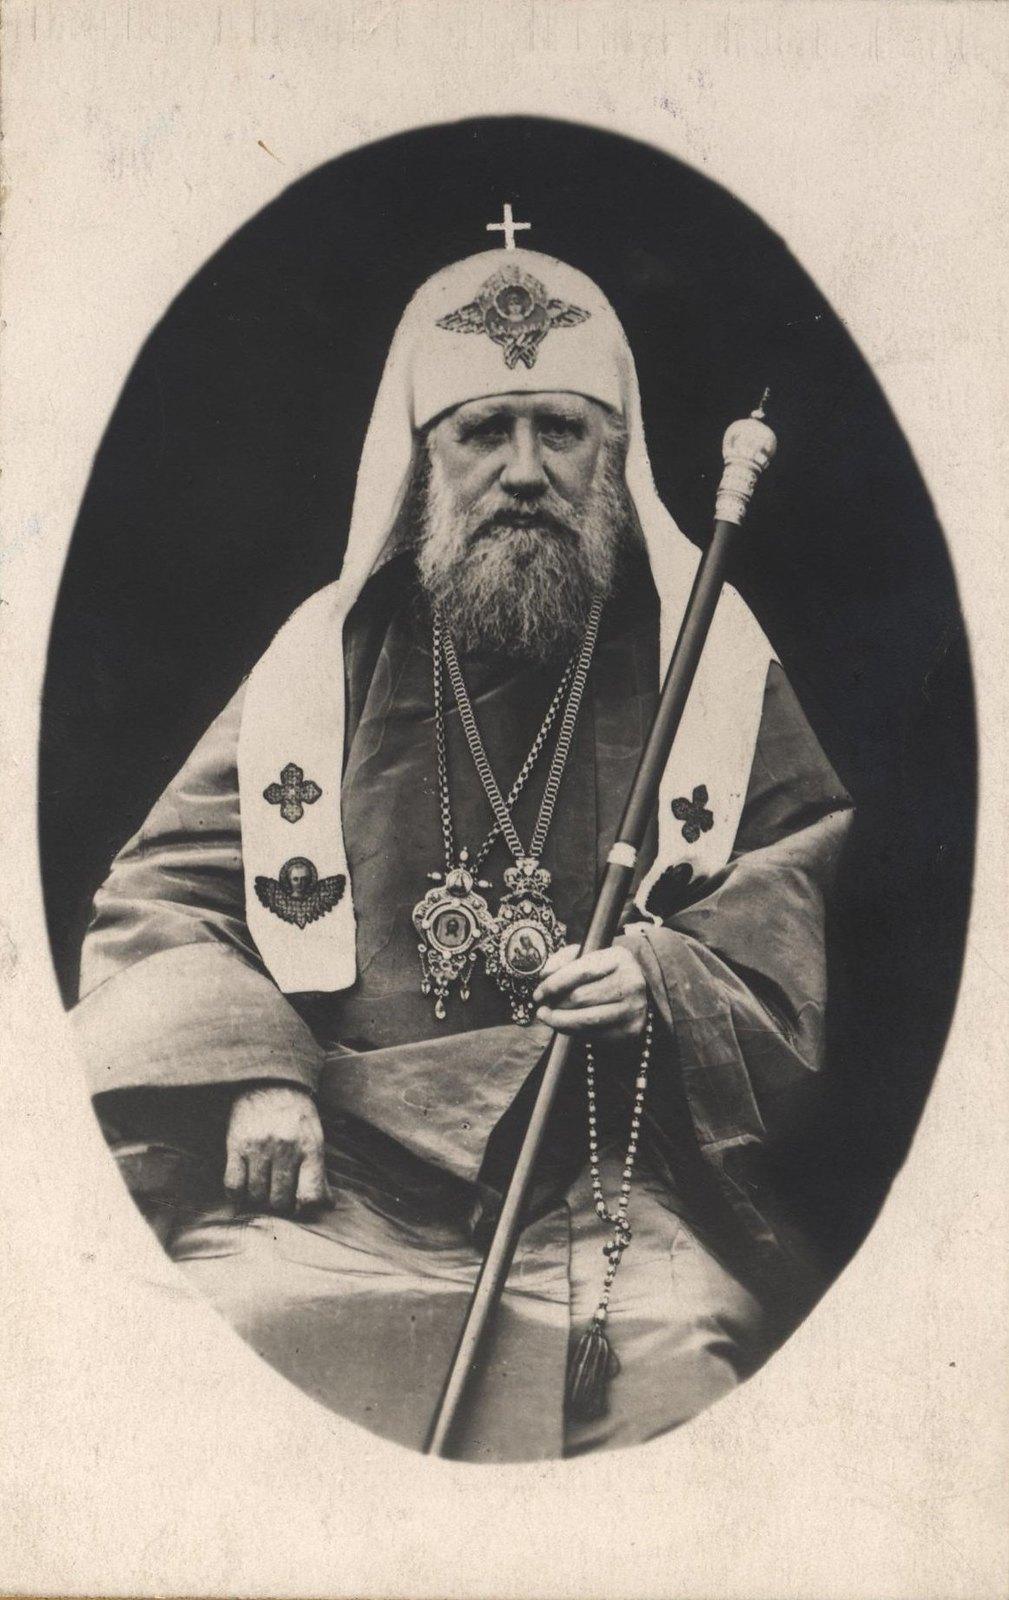 Патриарх Тихон (Беллавин) - епископ Православной российской церкви; с 21 ноября (4 декабря) 1917 года Патриарх Московский и всея России